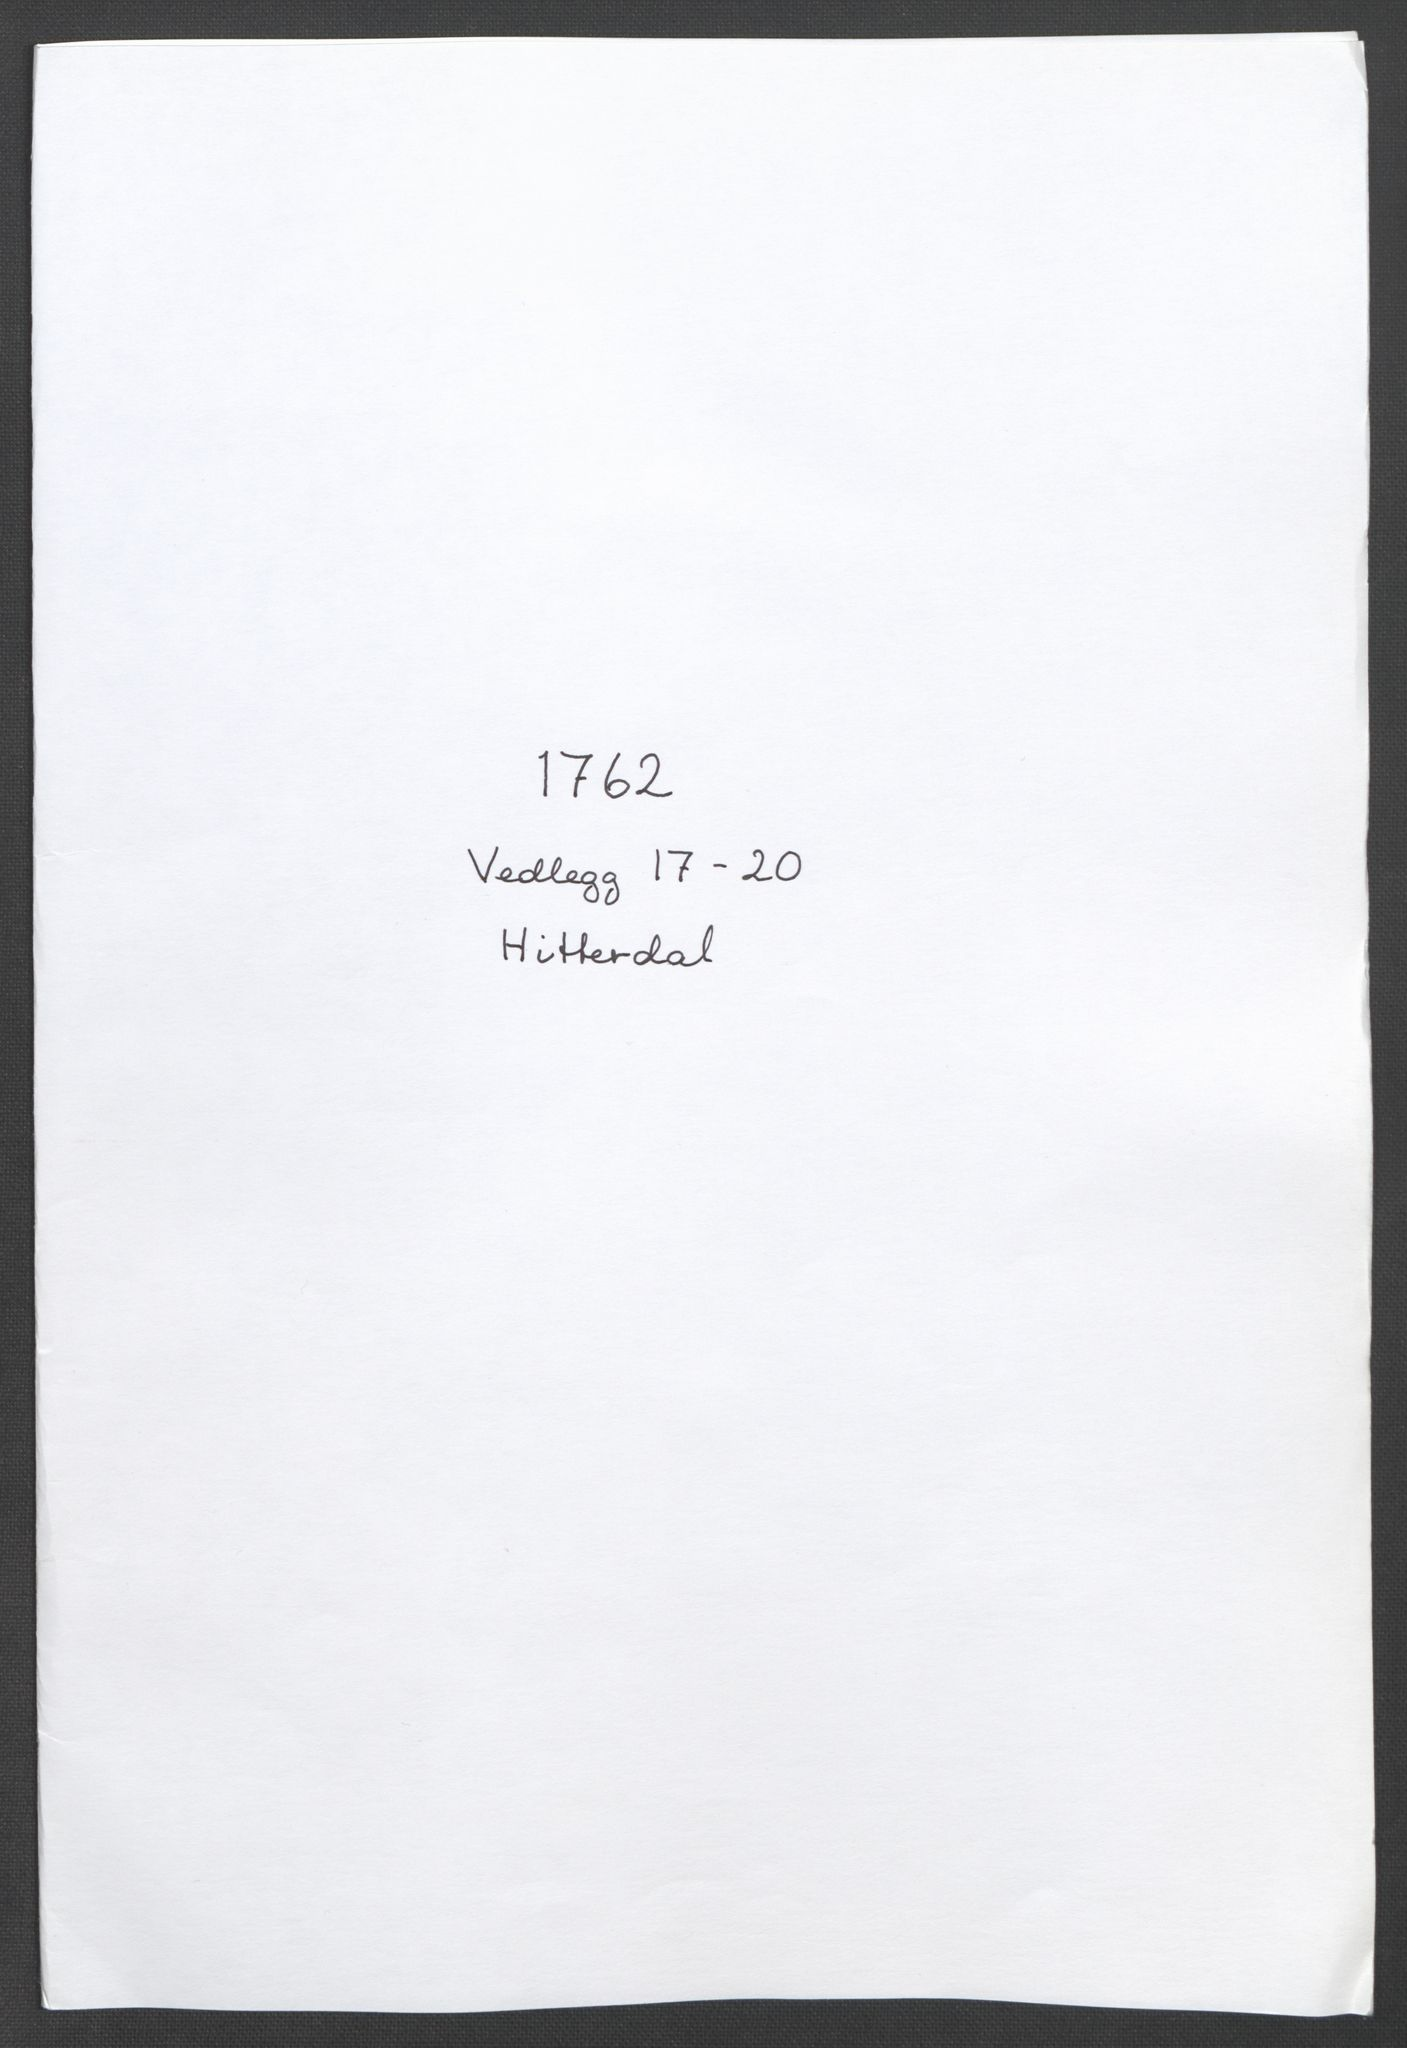 RA, Rentekammeret inntil 1814, Reviderte regnskaper, Fogderegnskap, R37/L2239: Ekstraskatten Nedre Telemark og Bamble, 1762-1763, s. 161